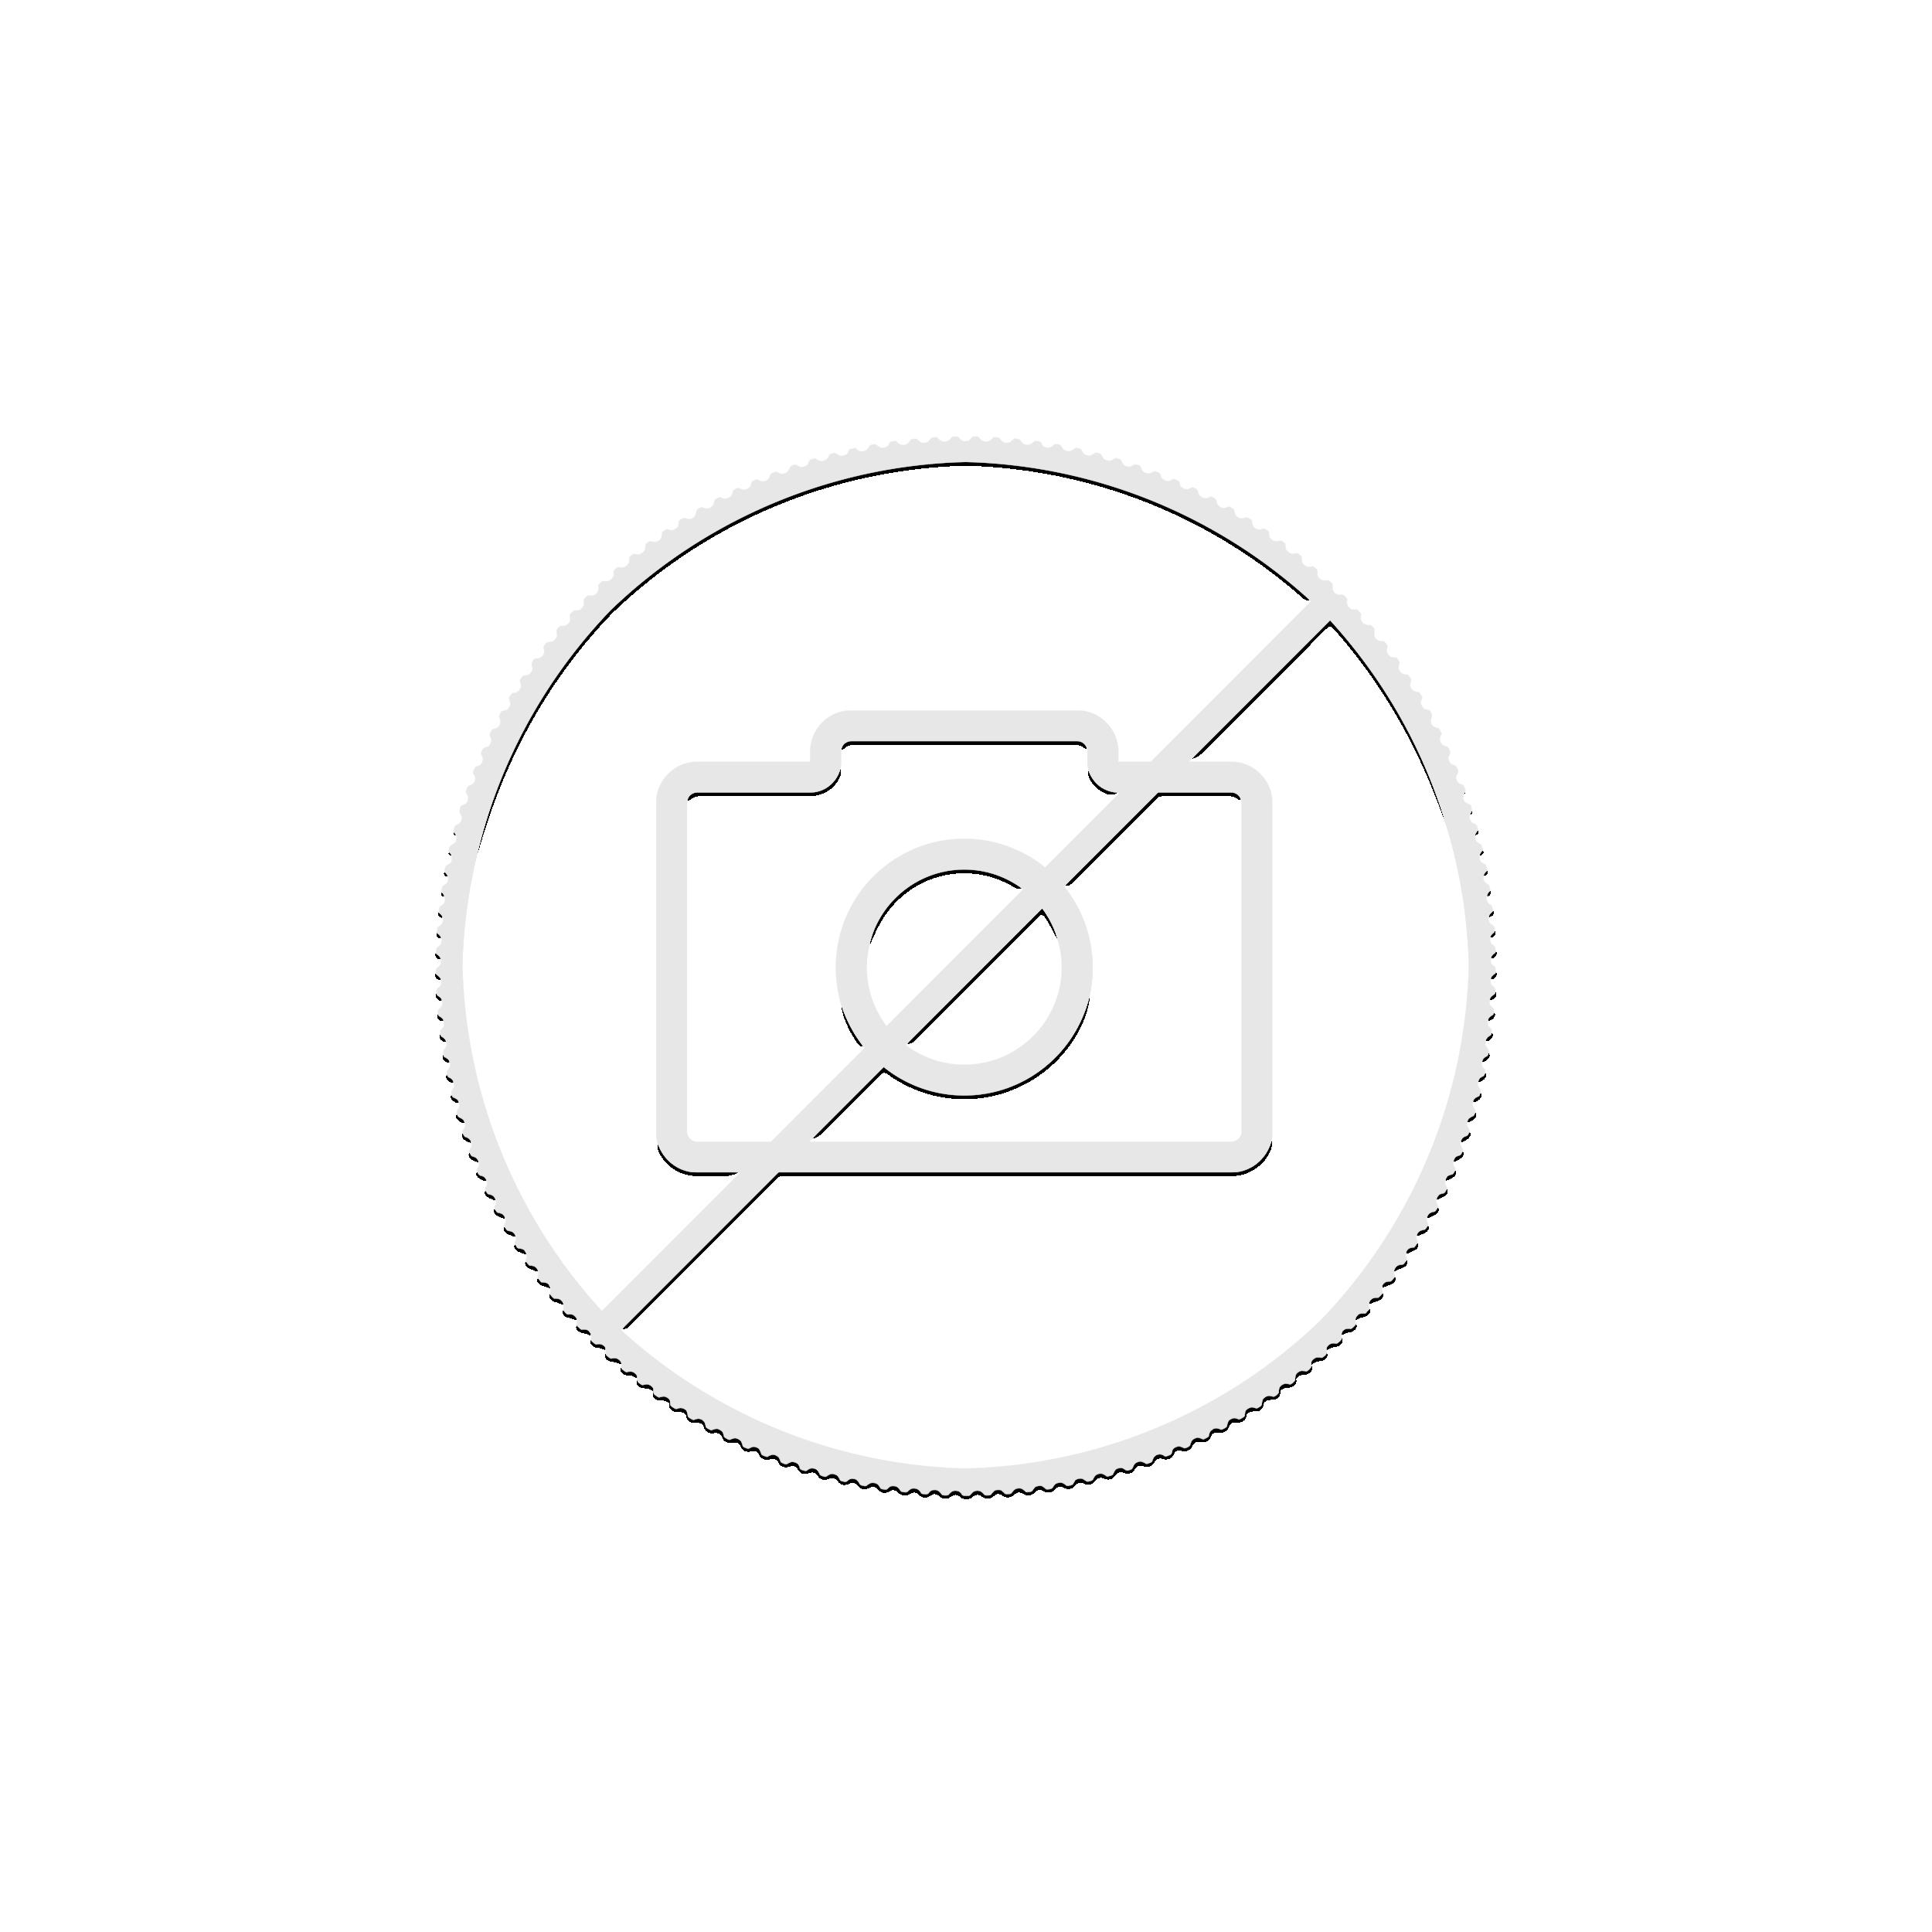 1 Troy ounce gold coin Lunar 2012